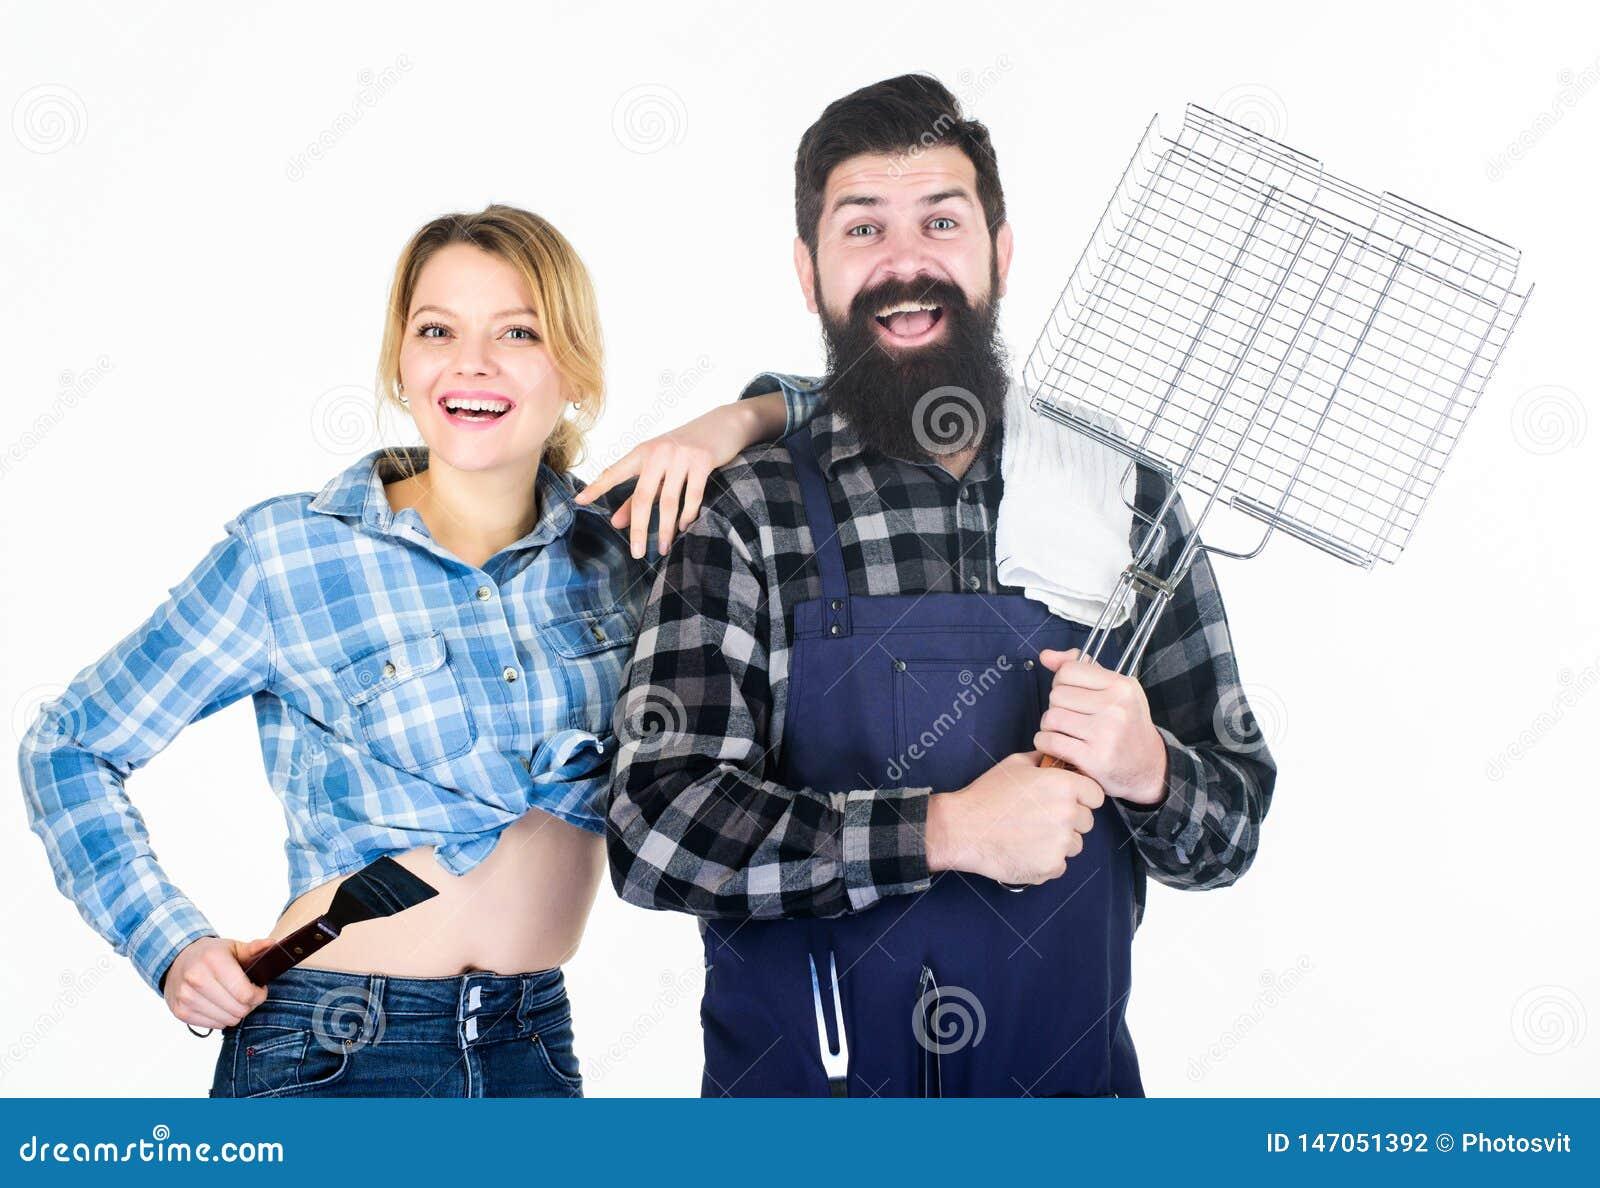 Familiengrillkonzept Grillende allgemeine Technik Bärtiger Hippie und netter Mädchengriff, die Geräte grillend kocht